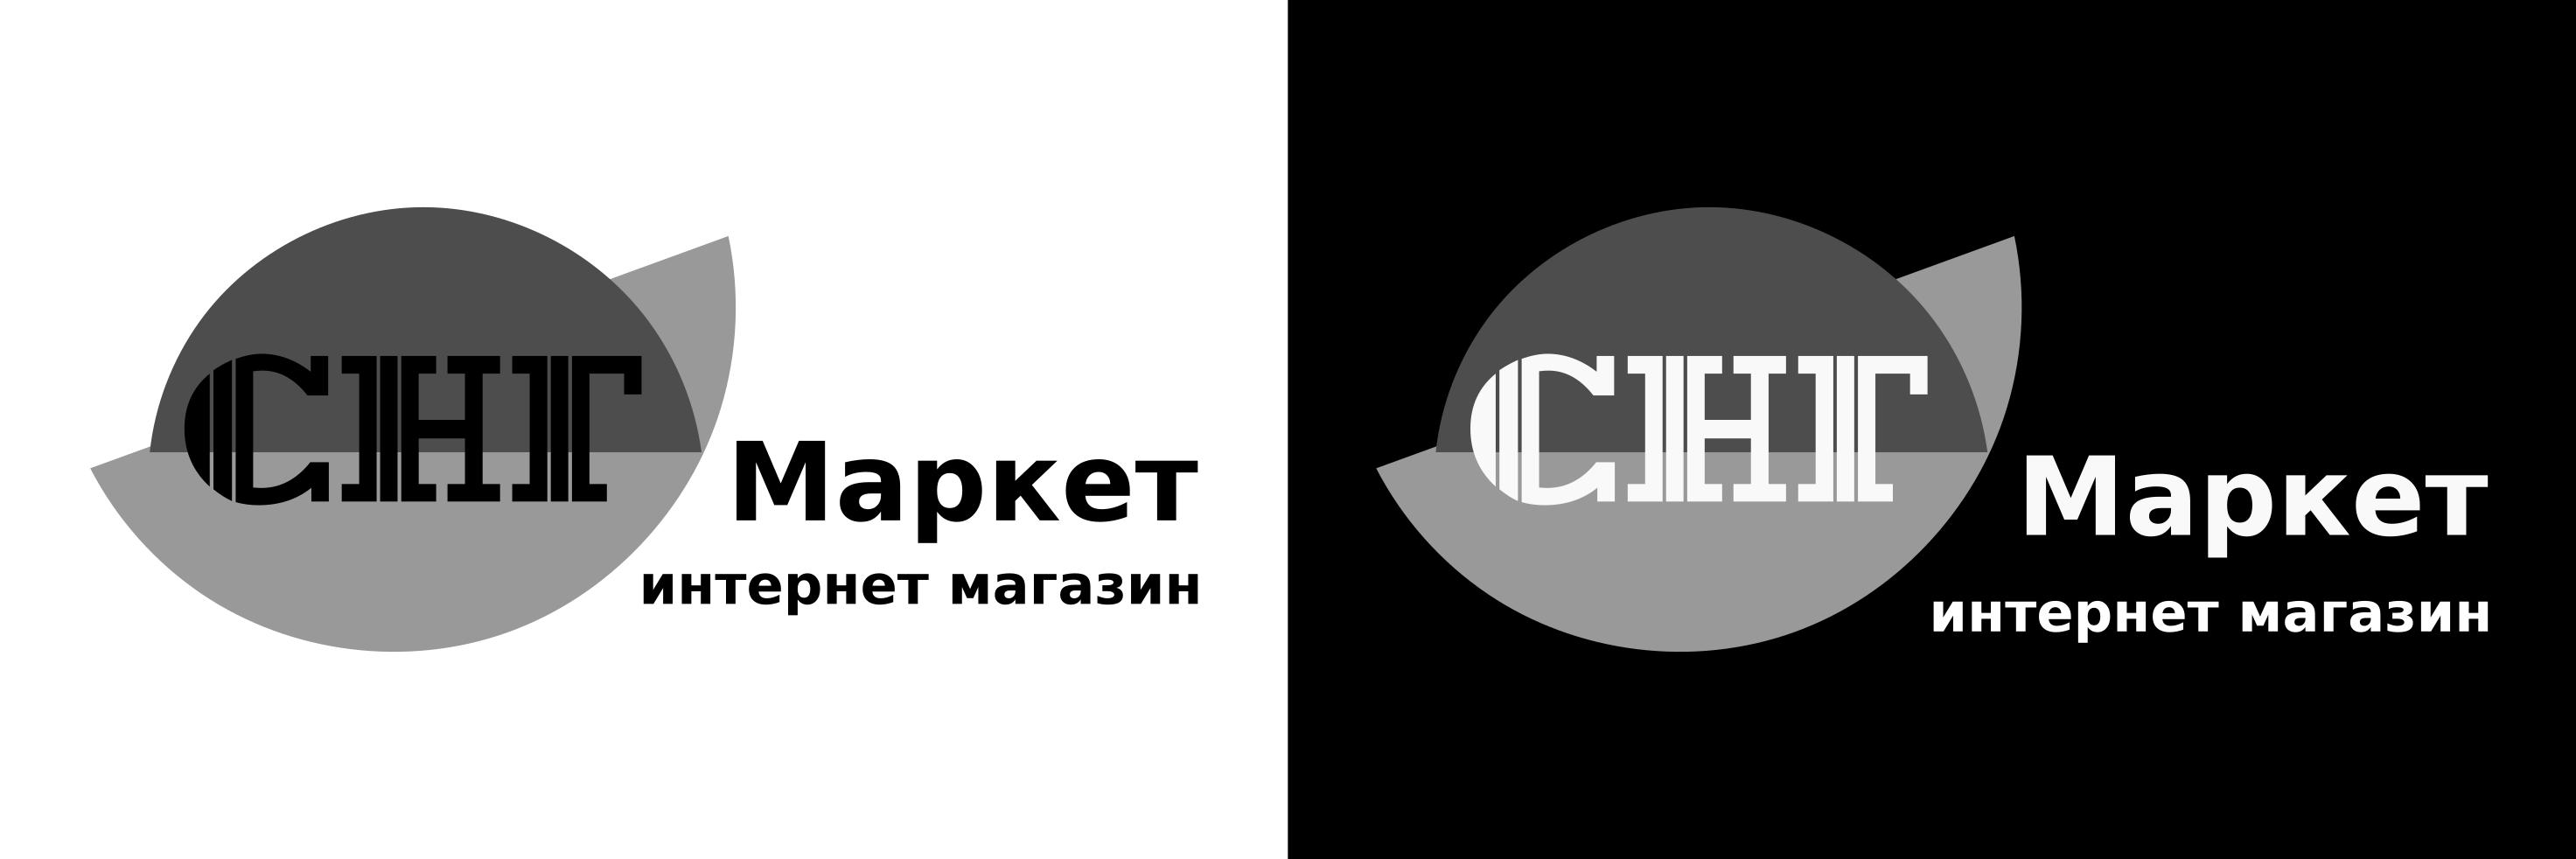 Объявляется конкурс на создание логотипа ИМ обуви фото f_5945a100167ddfc9.png